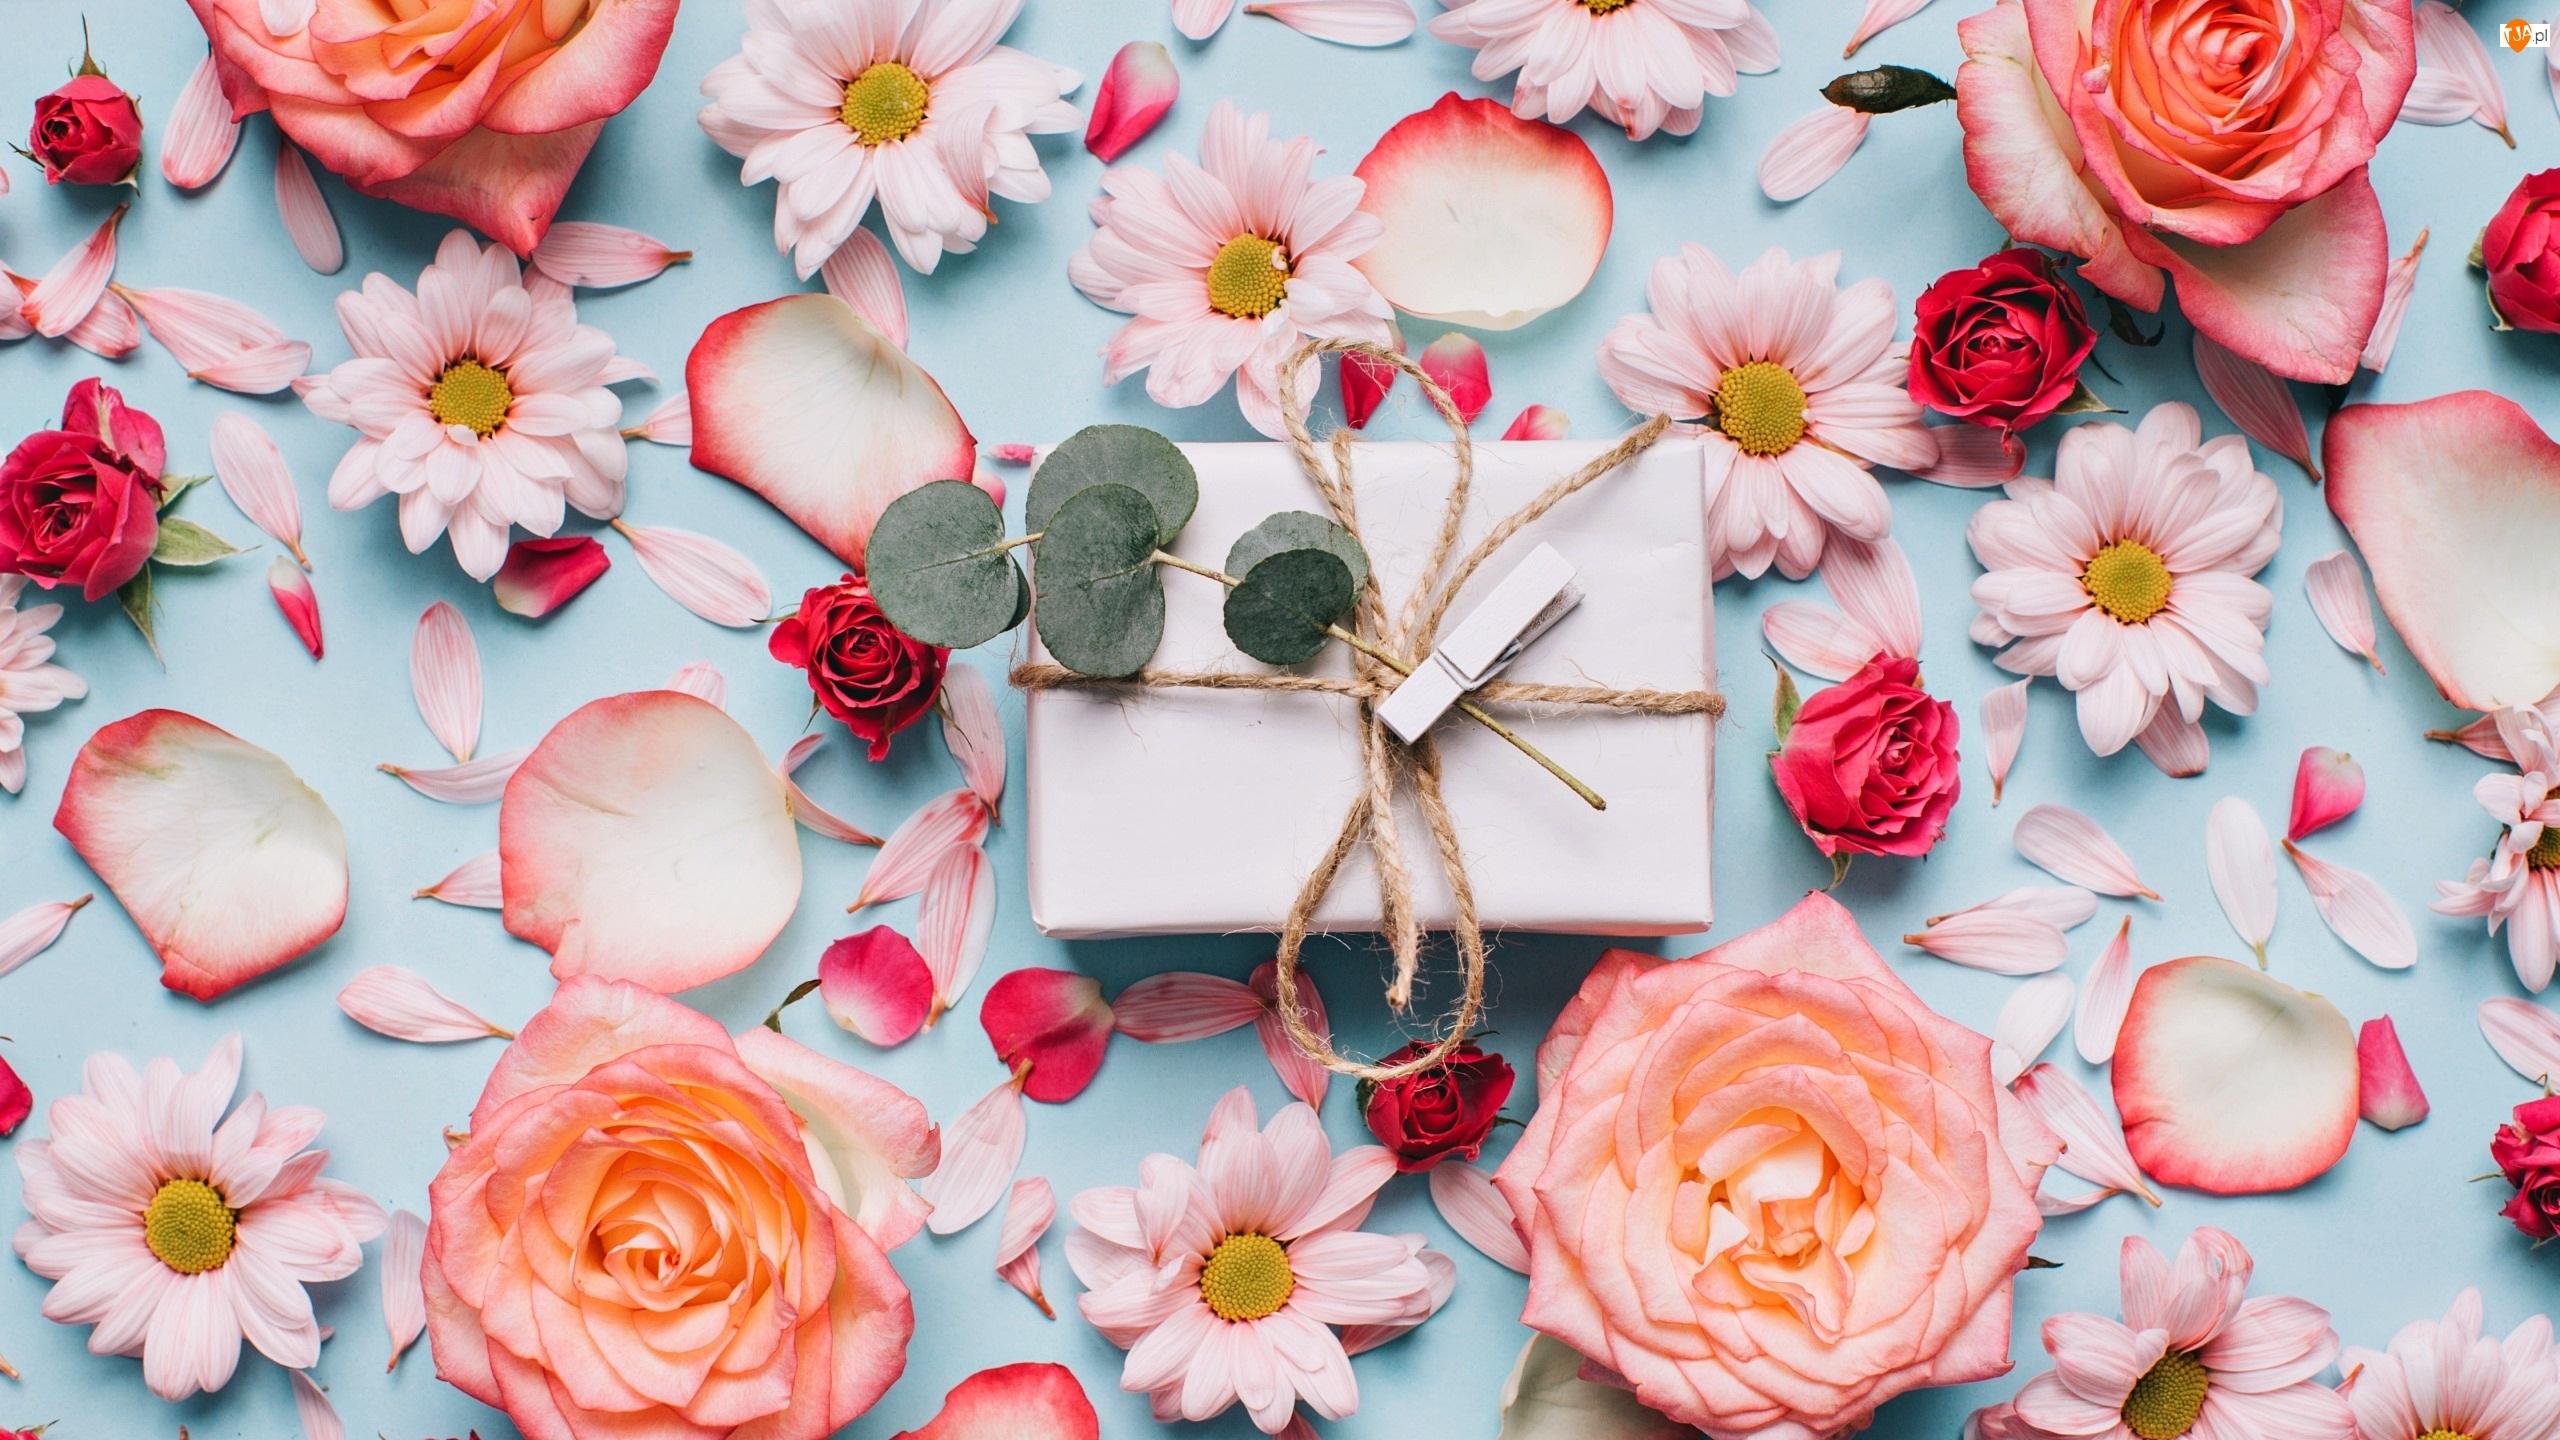 Chryzantemy, Płatki, Kompozycja, Róże, Klamerka, Prezent, Kwiaty